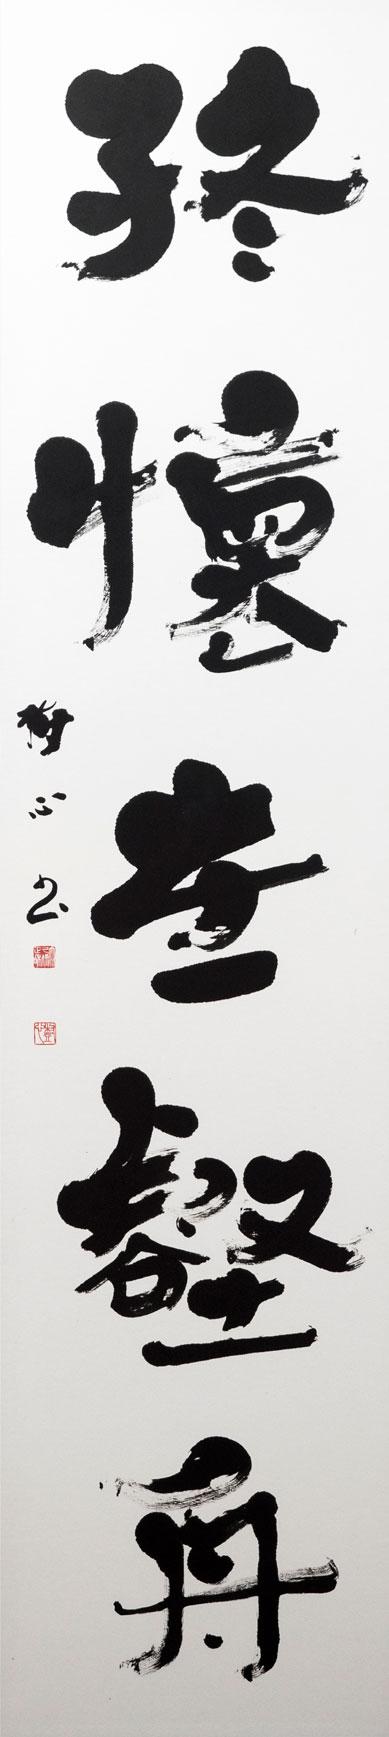 2017-jp-shodo-inspiration-633.jpg